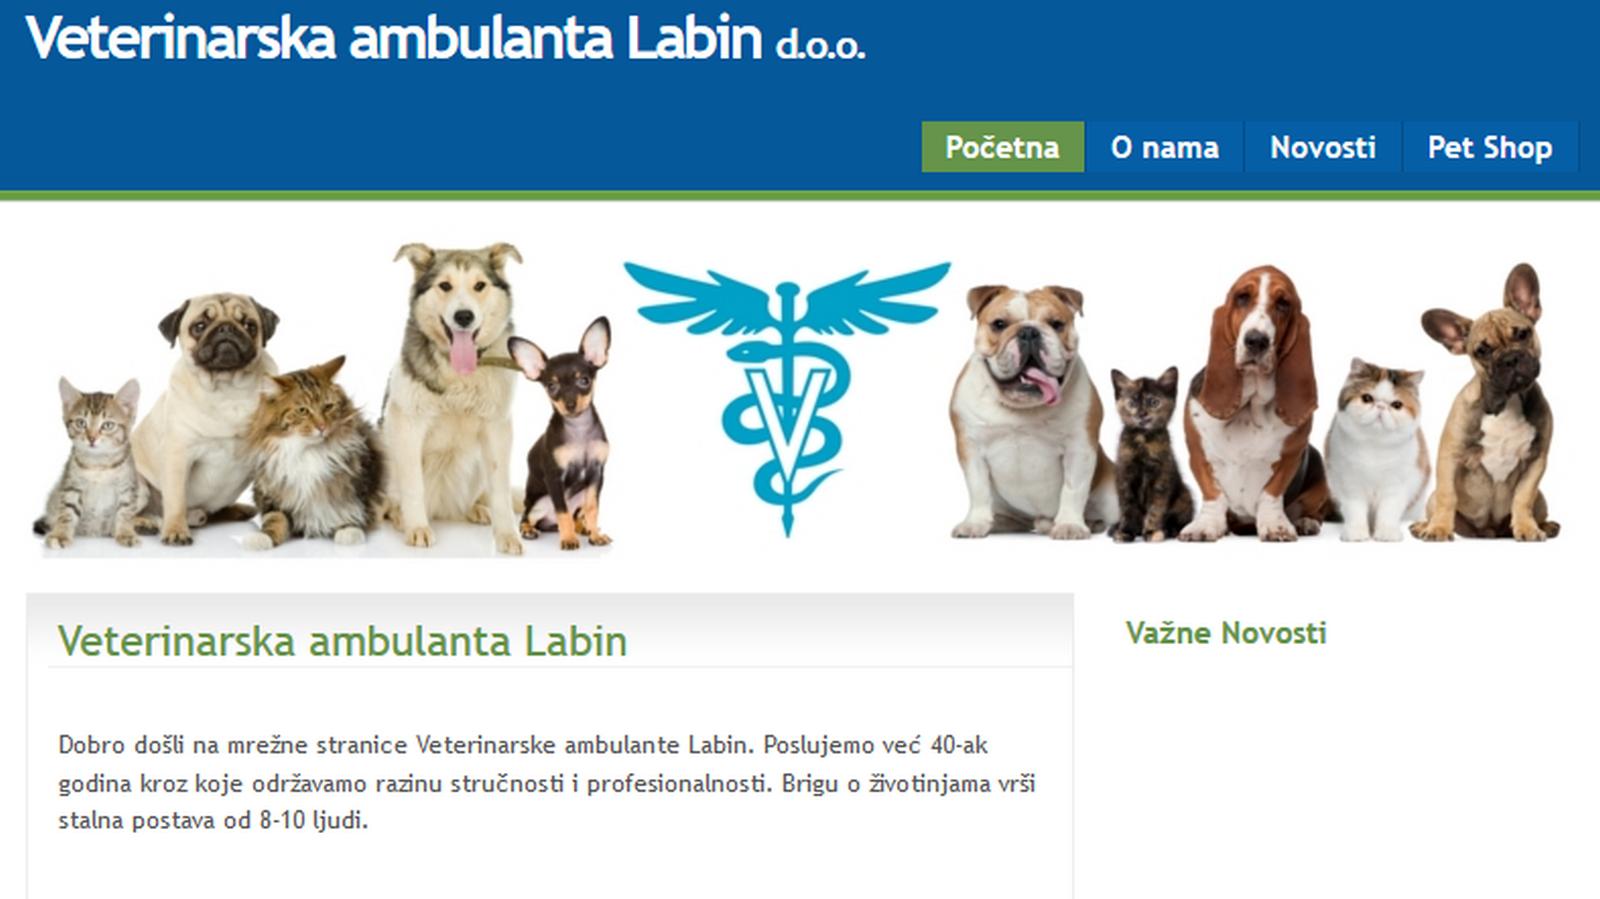 Veterinarska ambulanta Labin d.o.o.